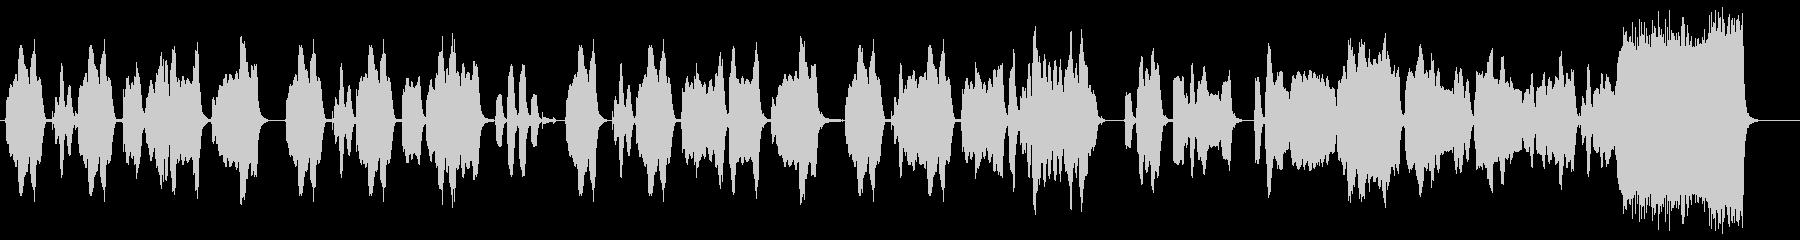 間のぬけたコミカルな木管四重奏の未再生の波形